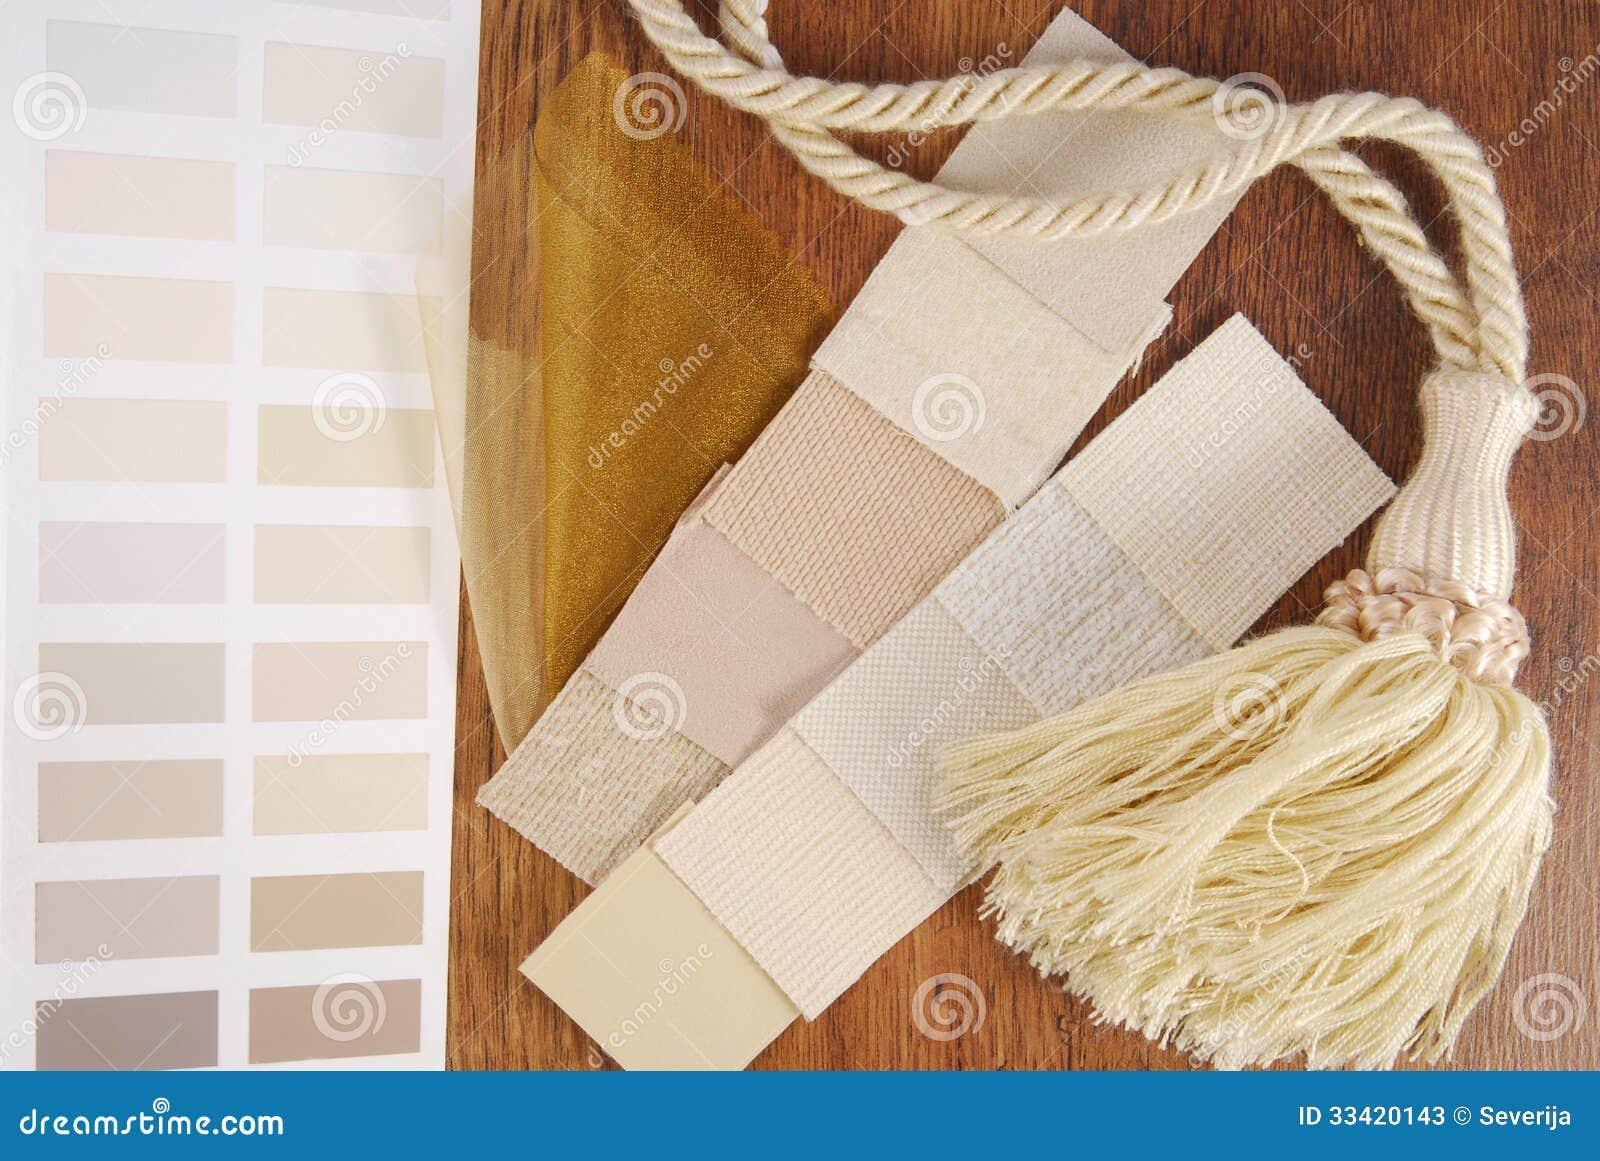 室内装饰品帷幕颜色选择